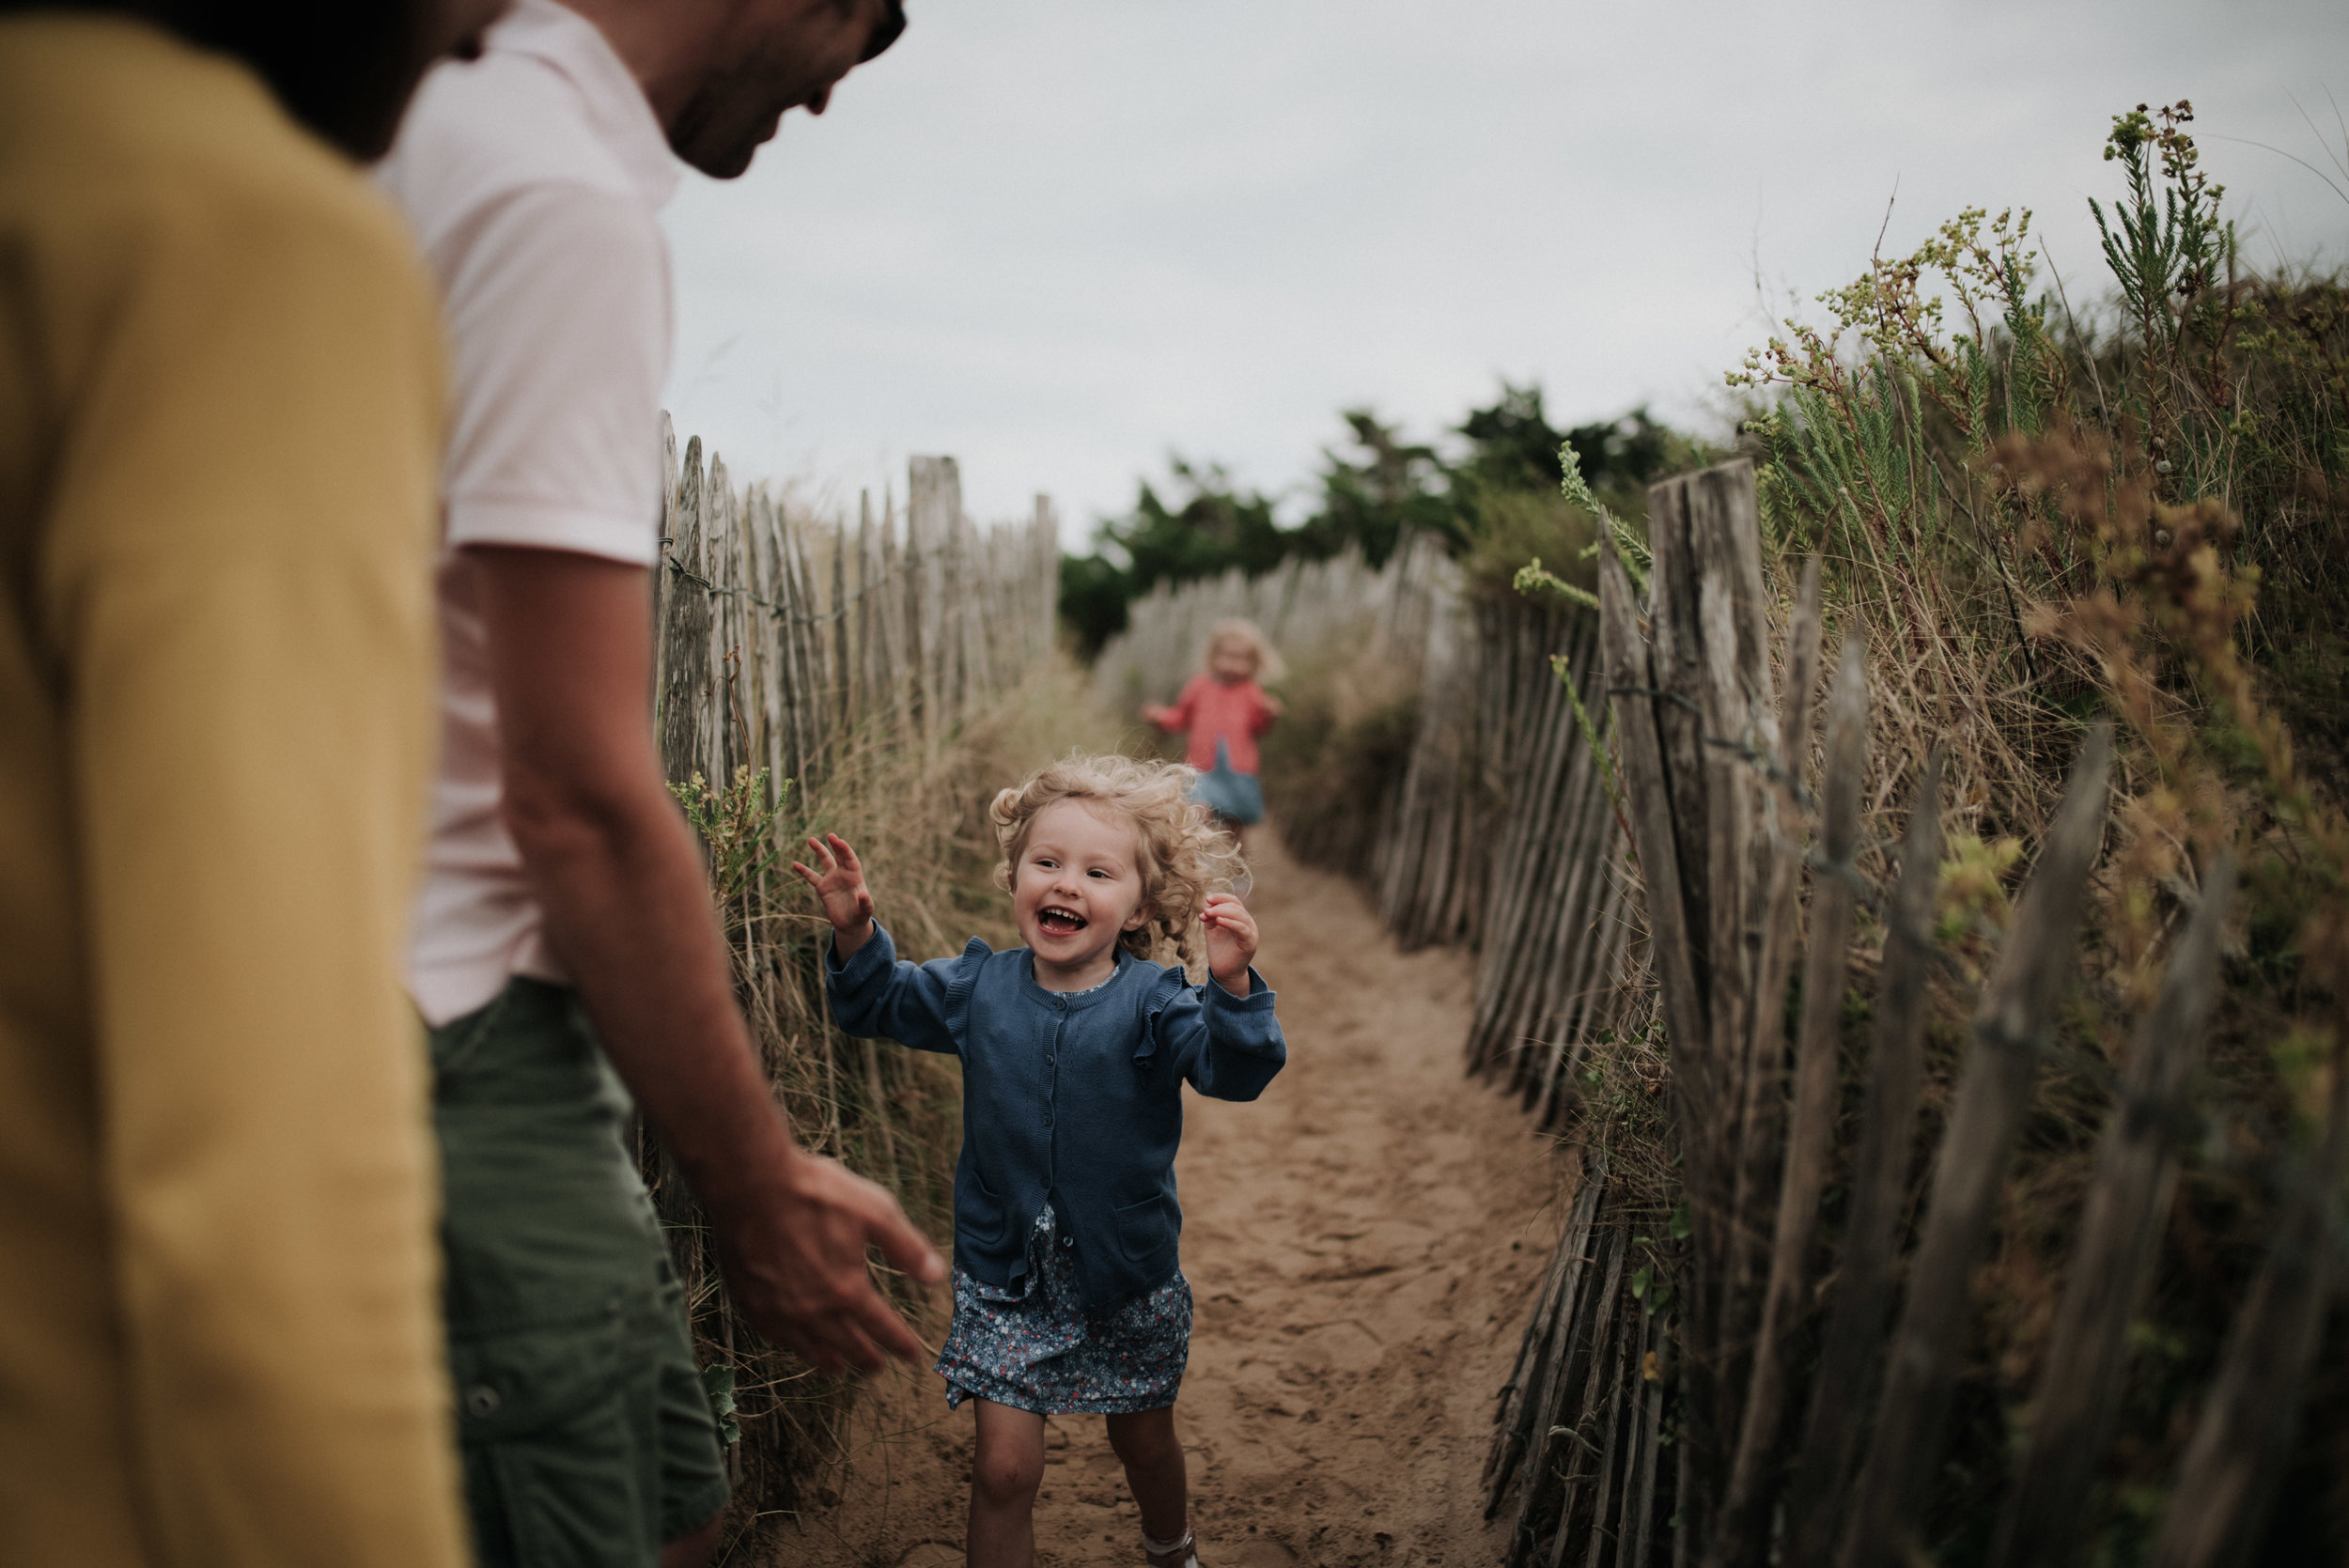 Léa-Fery-photographe-professionnel-lyon-rhone-alpes-portrait-creation-mariage-evenement-evenementiel-famille-2661.jpg